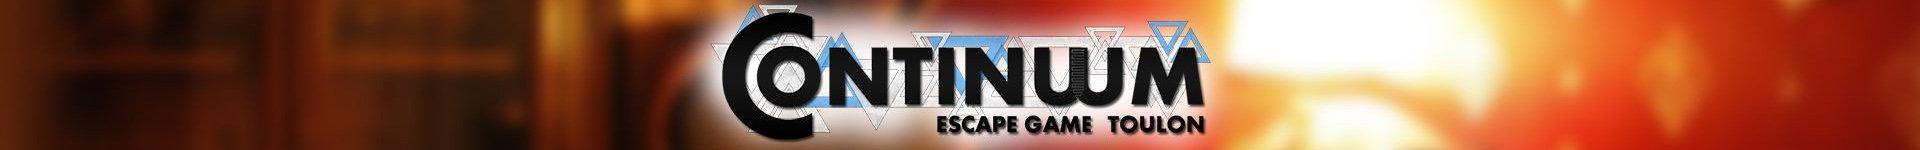 Escape Game Continuum à Toulon.jpg